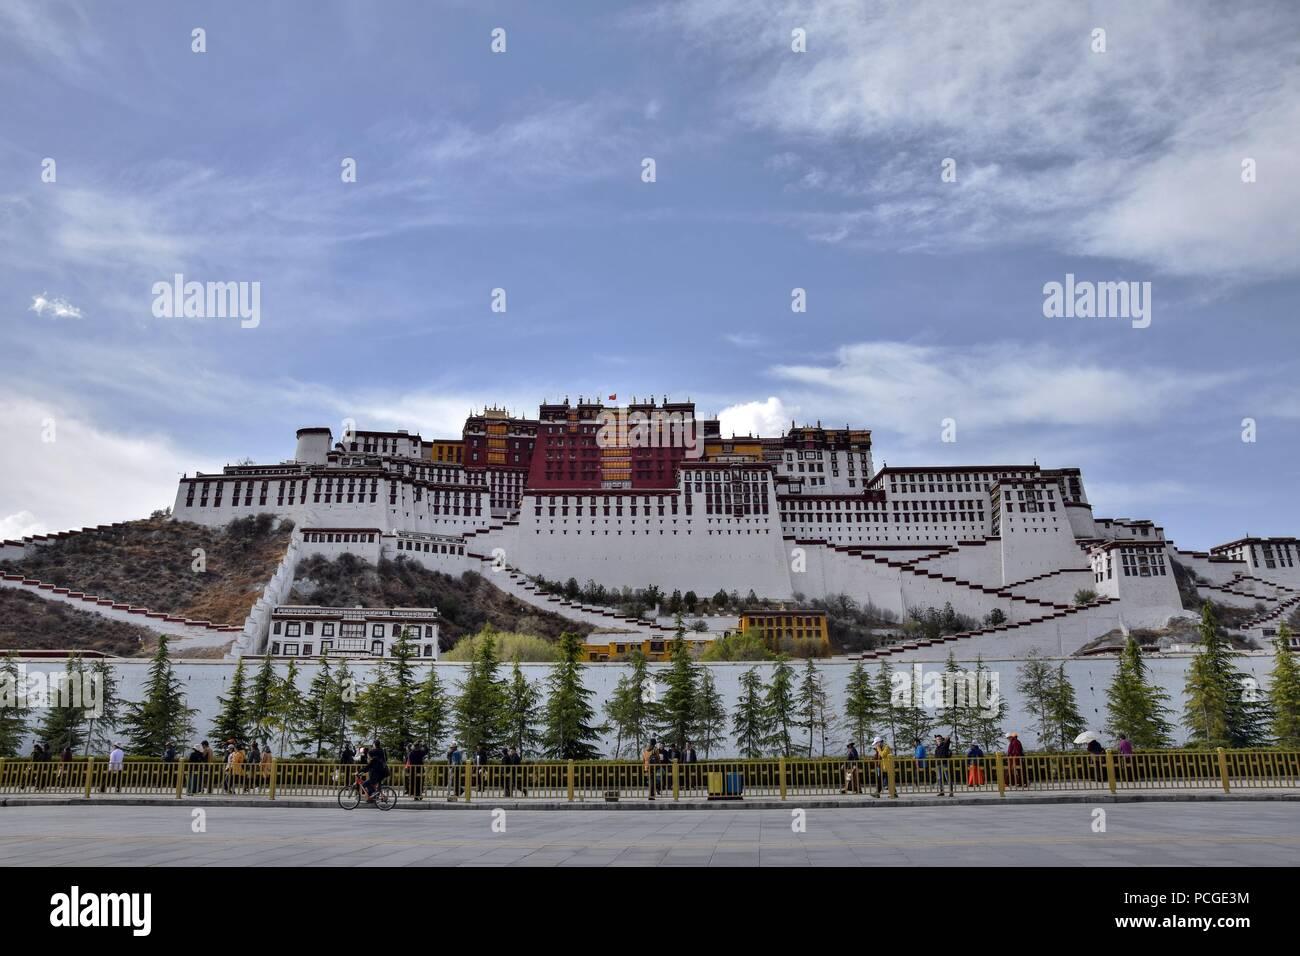 Il palazzo del Potala a Lhasa, regione autonoma del Tibet, Cina. Immagini Stock